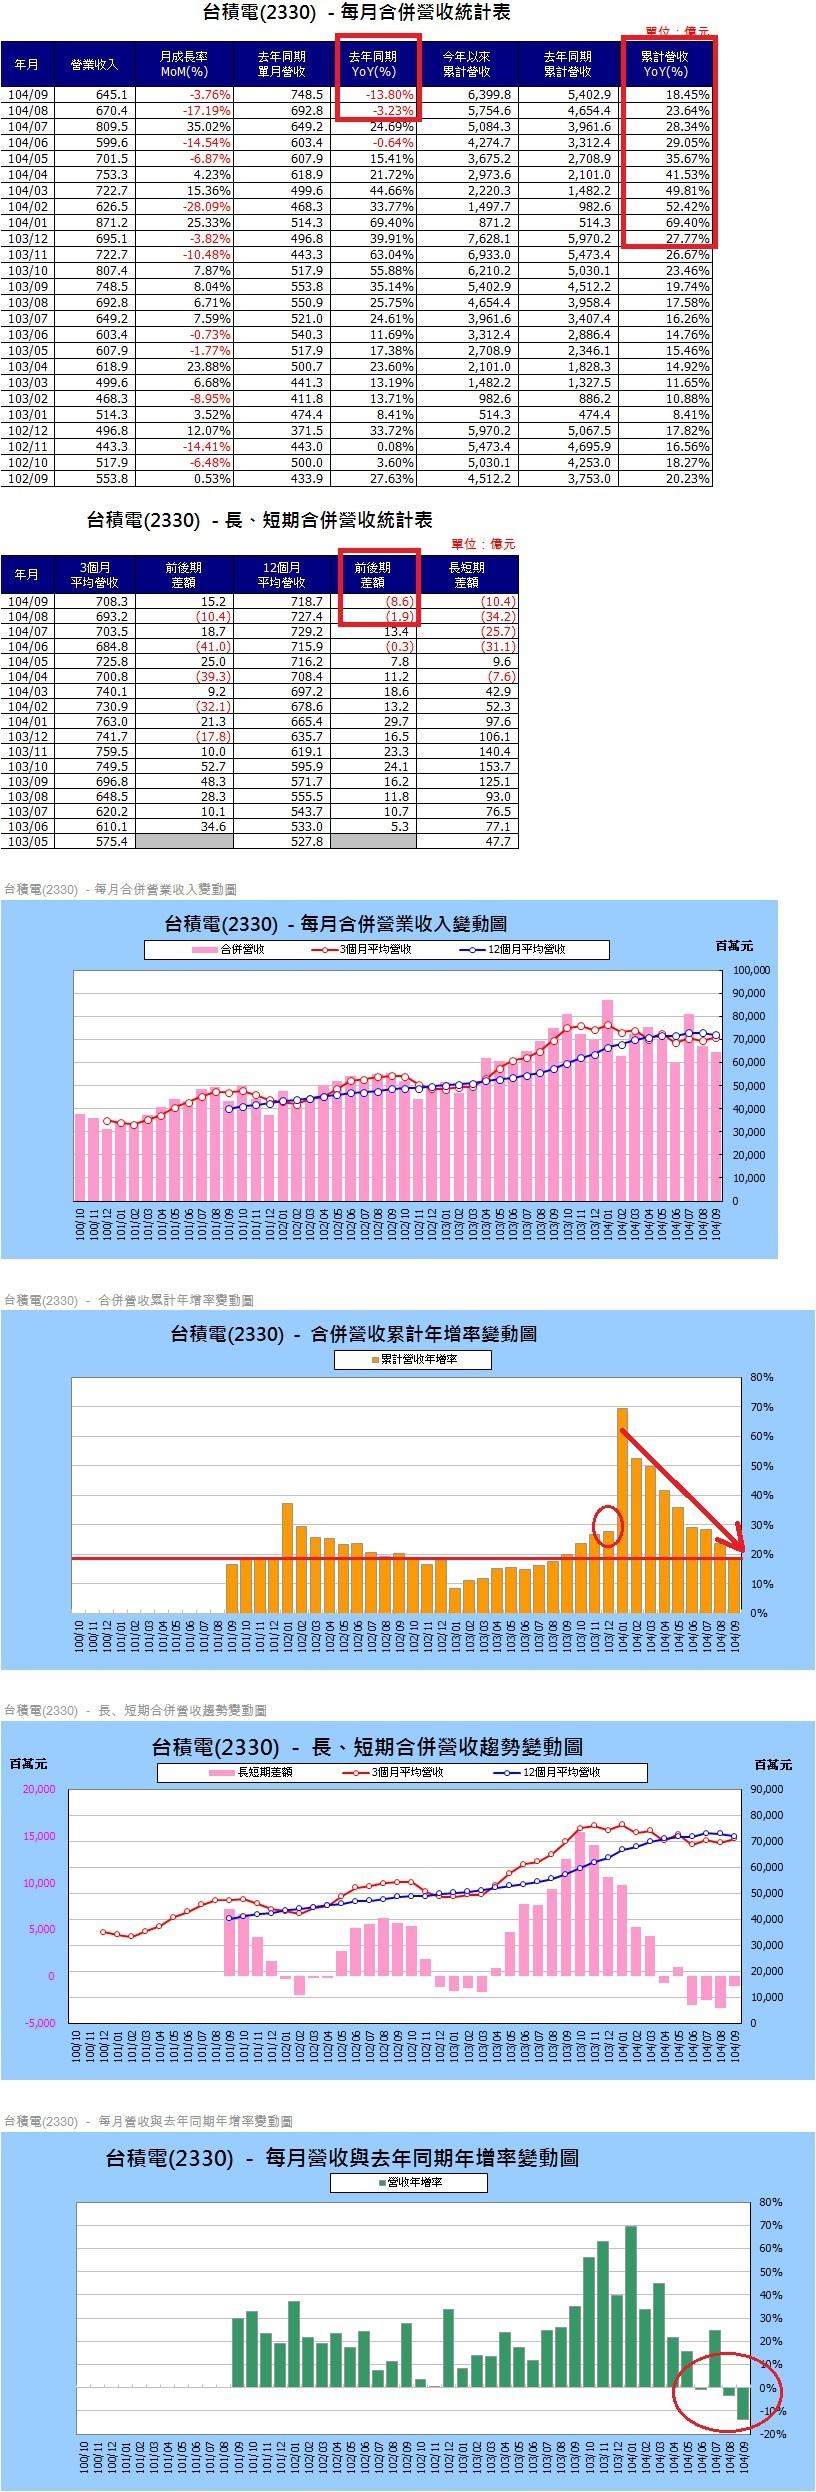 台積電(2330)各月營收圖表